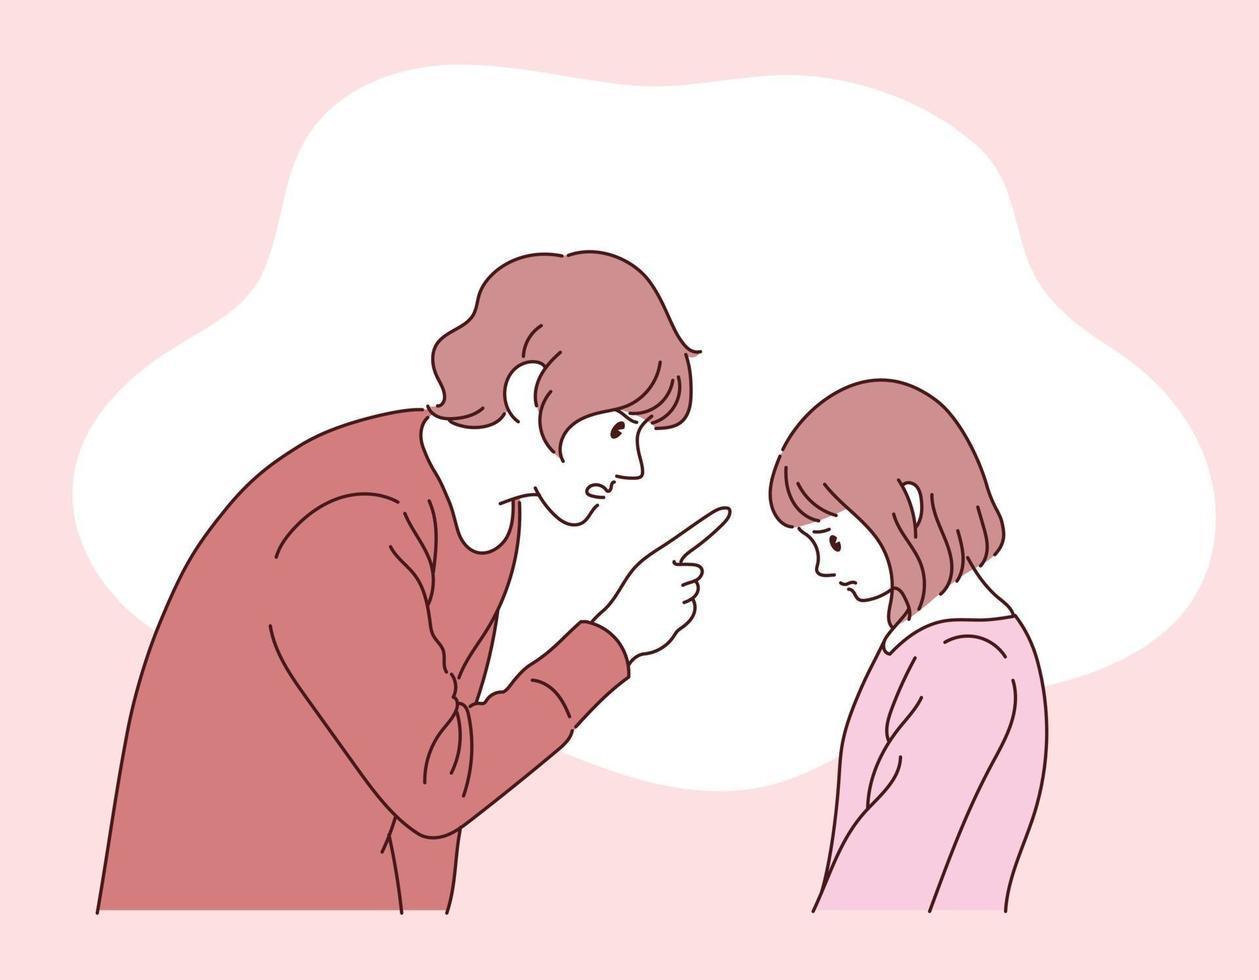 een volwassene zit achter een kind aan. hand getrokken stijl vector ontwerp illustraties.